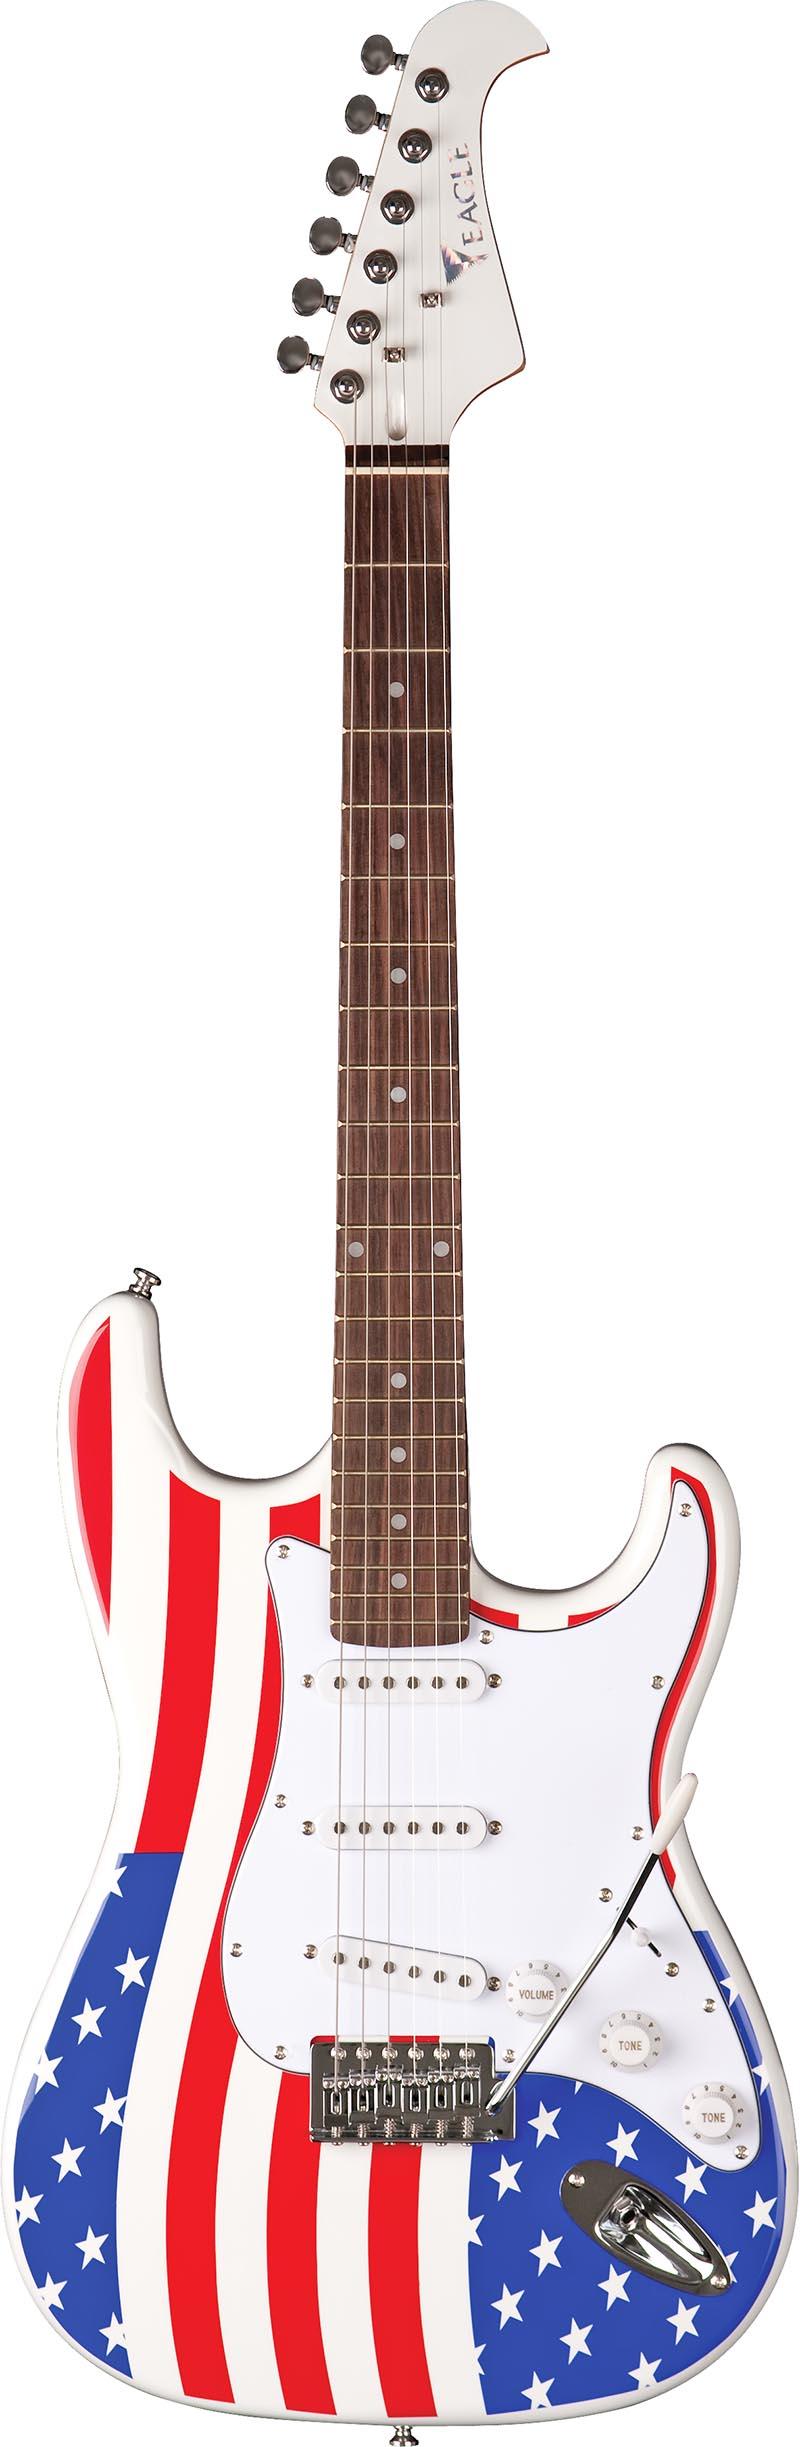 sts001 guitarra eletrica stratocaster captador simgle eagle sts001 us bandeira americana visao frontal vertical